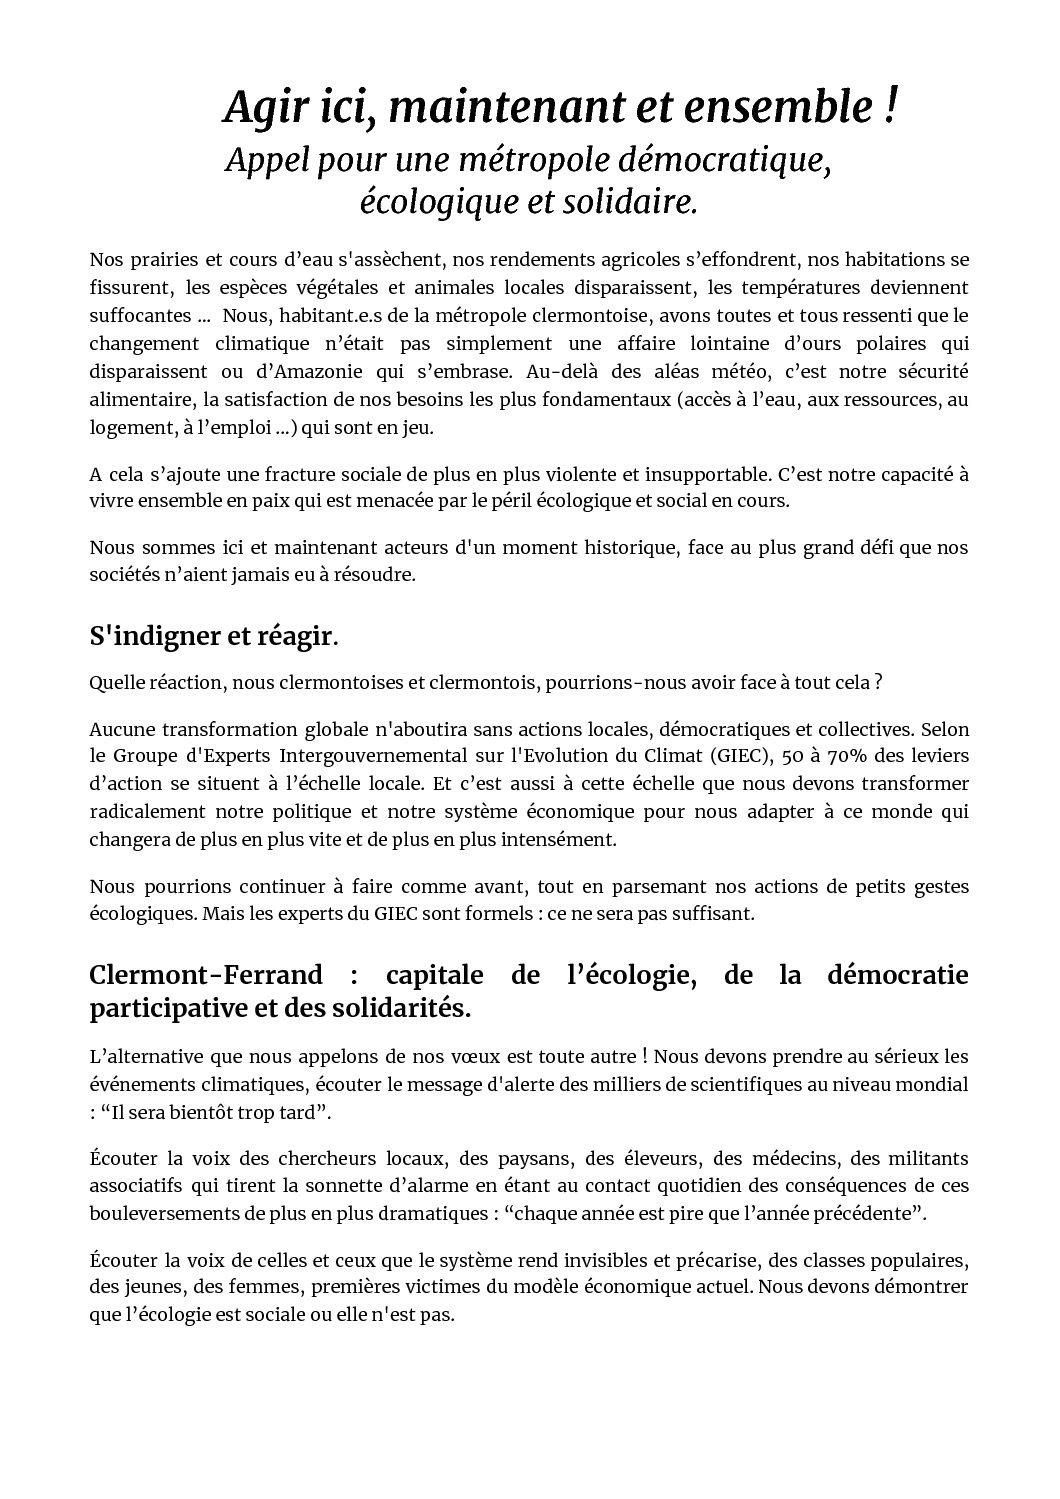 Agir-ici-maintenant-et-ensemble-Appel-pour-une-métropole-démocratique-écologique-et-solidaire5 (1)